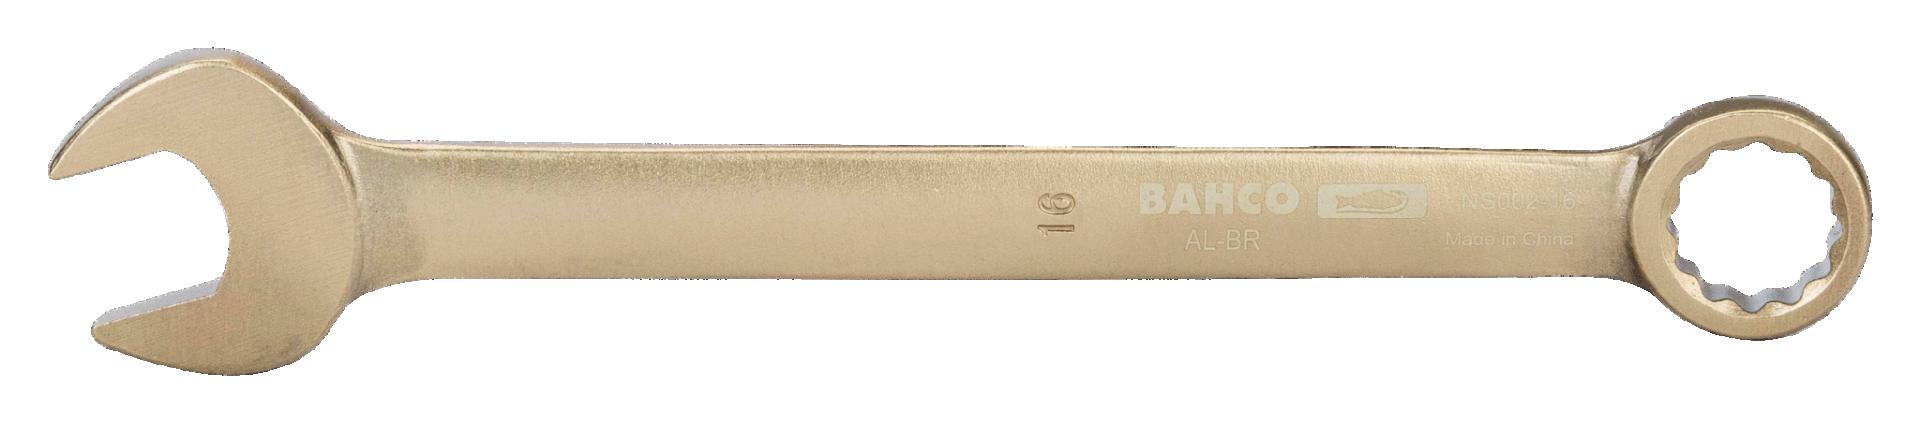 Klucz płasko-oczkowy nieiskrzący 24 mm Bahco (nr kat. NS002-24)